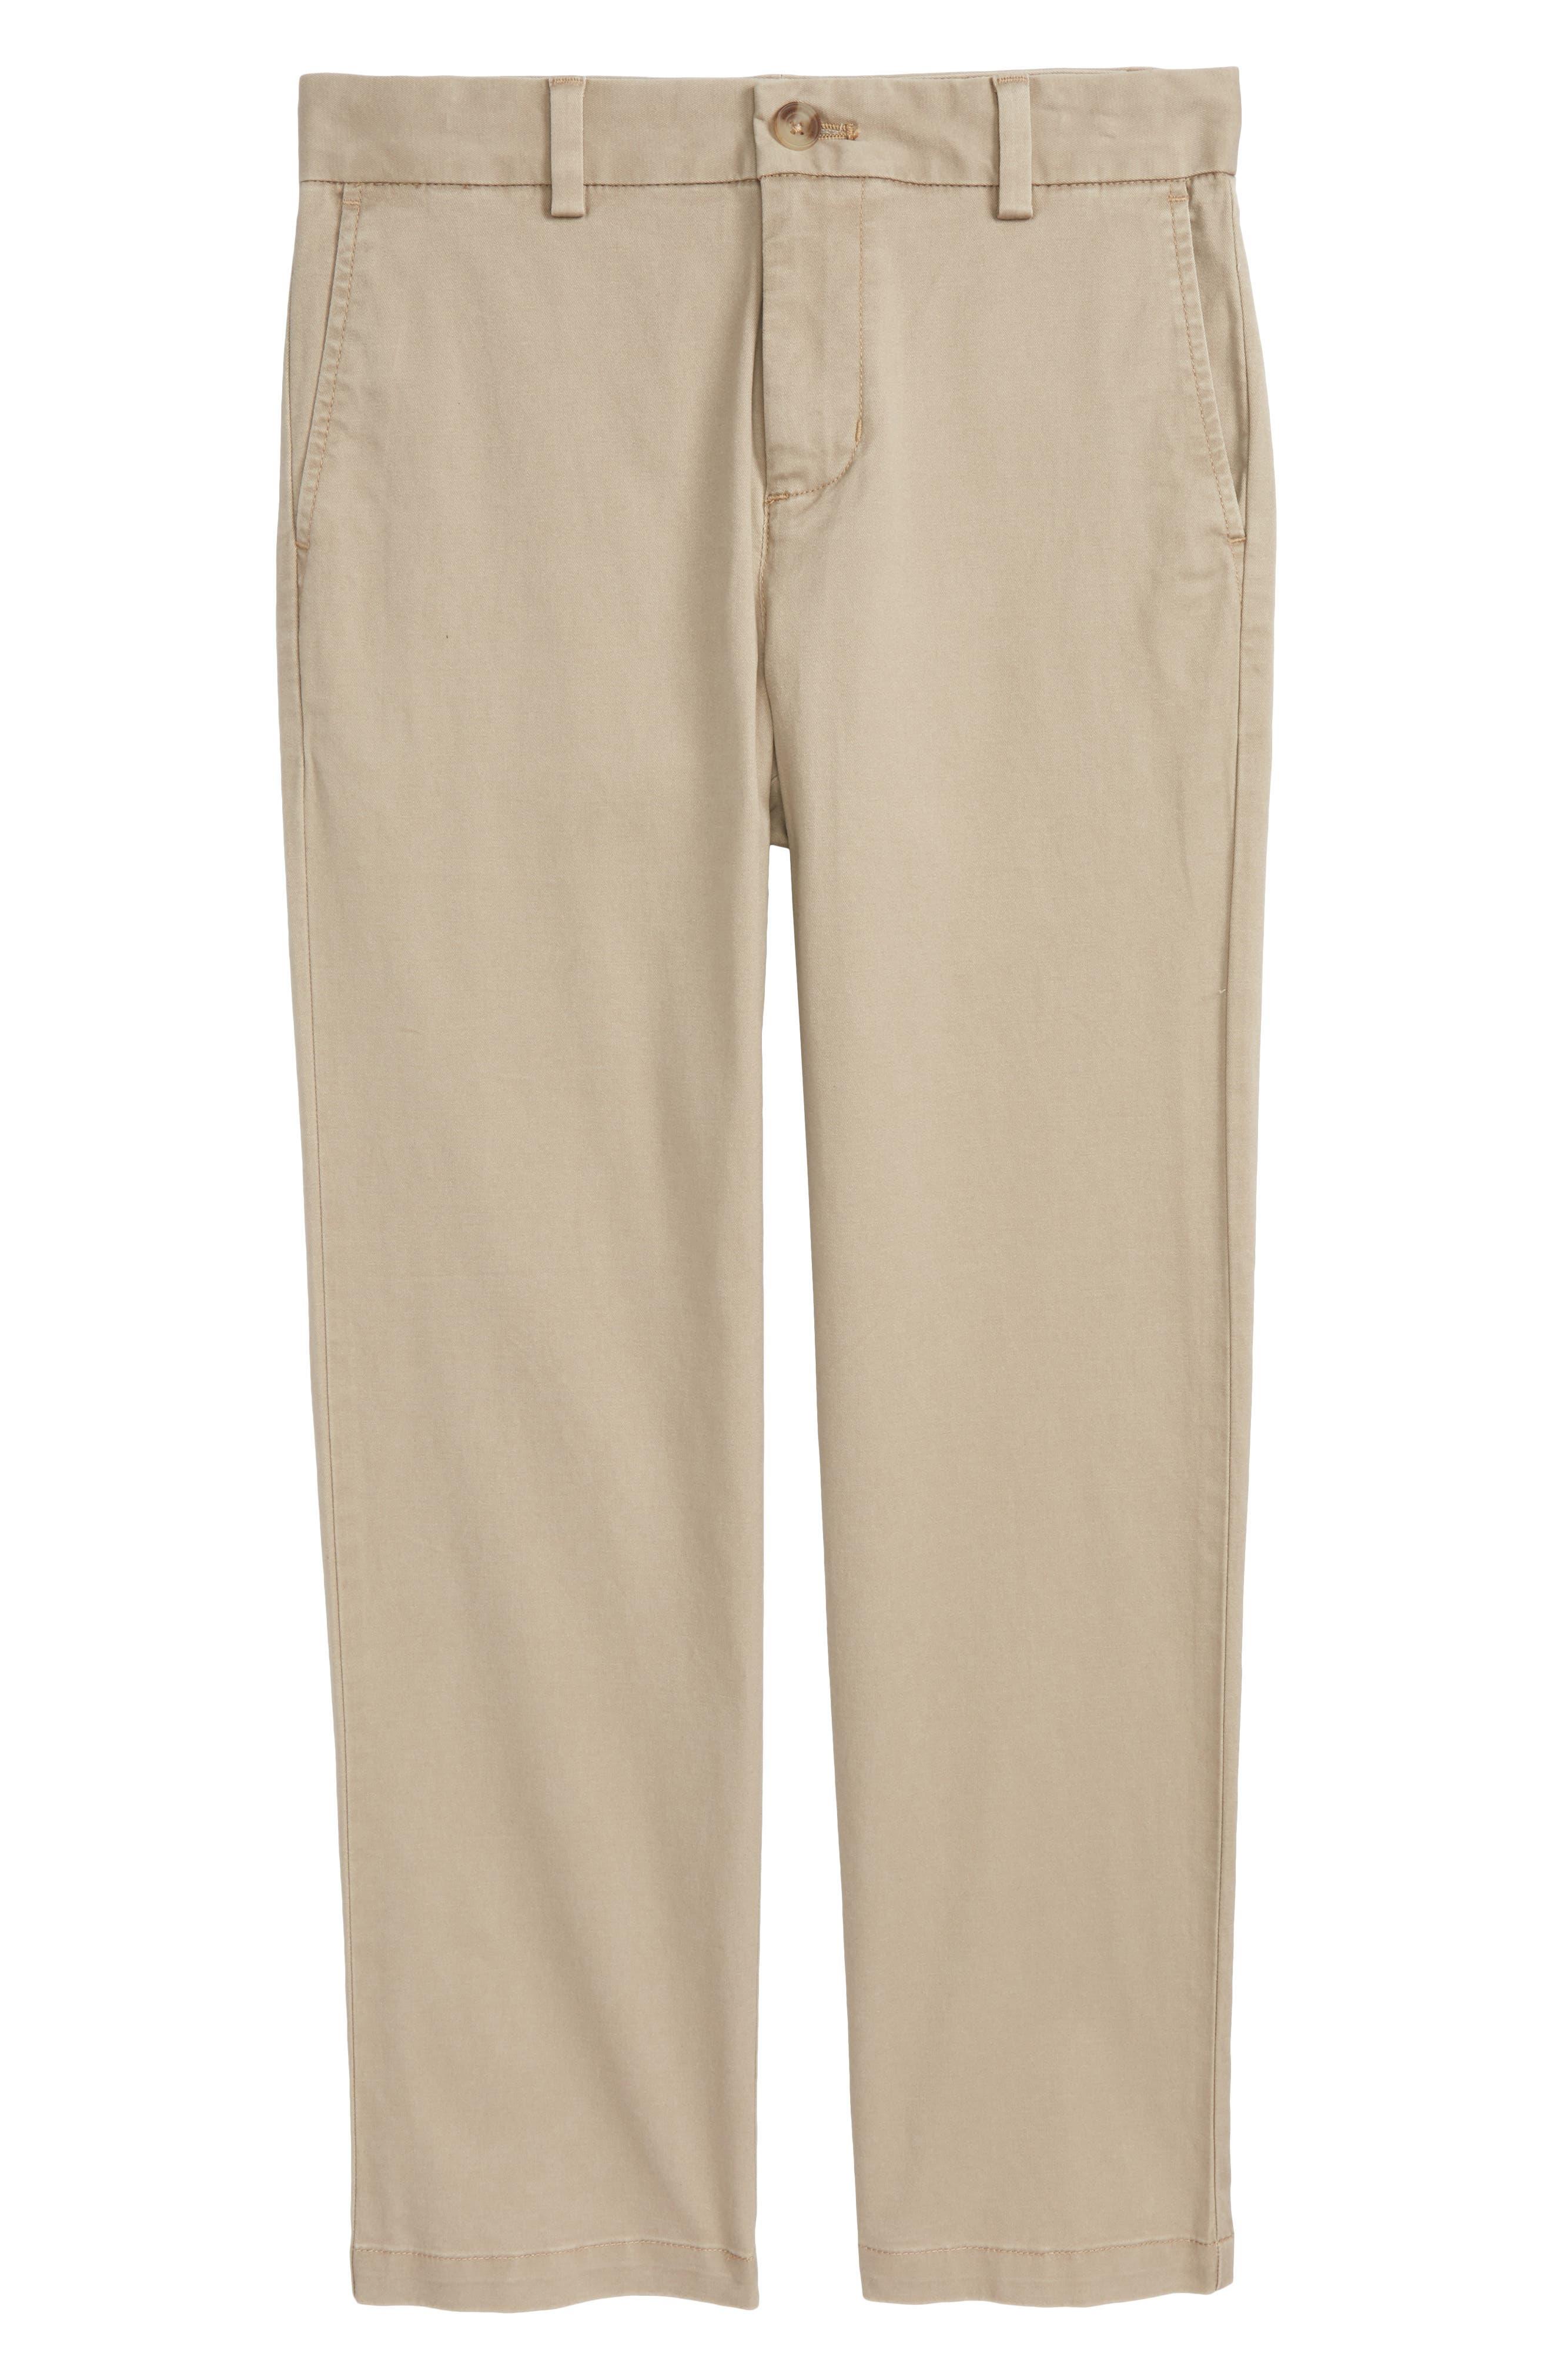 Stretch Breaker Pants,                             Main thumbnail 1, color,                             Khaki